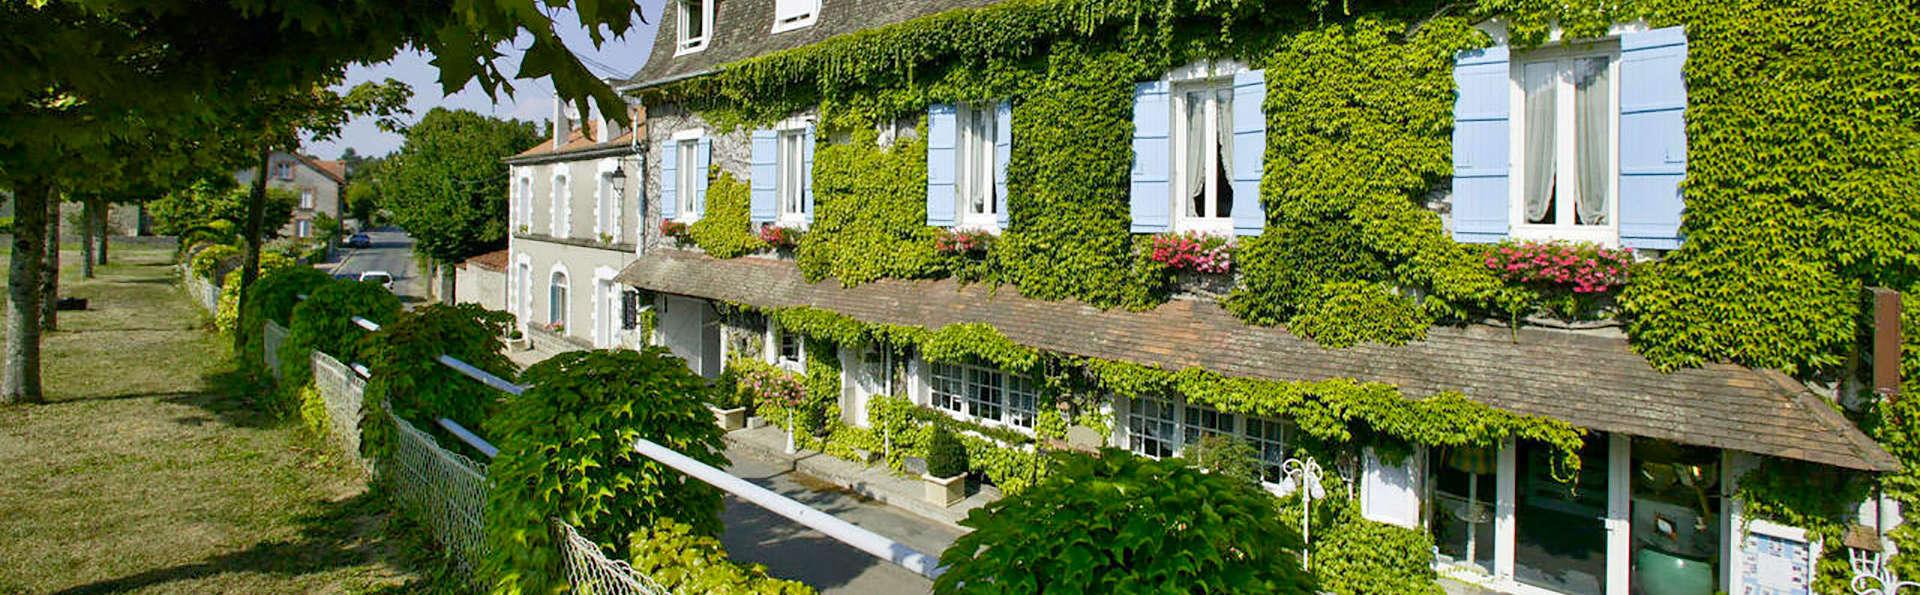 Hostellerie Saint Jacques - edit_front.jpg